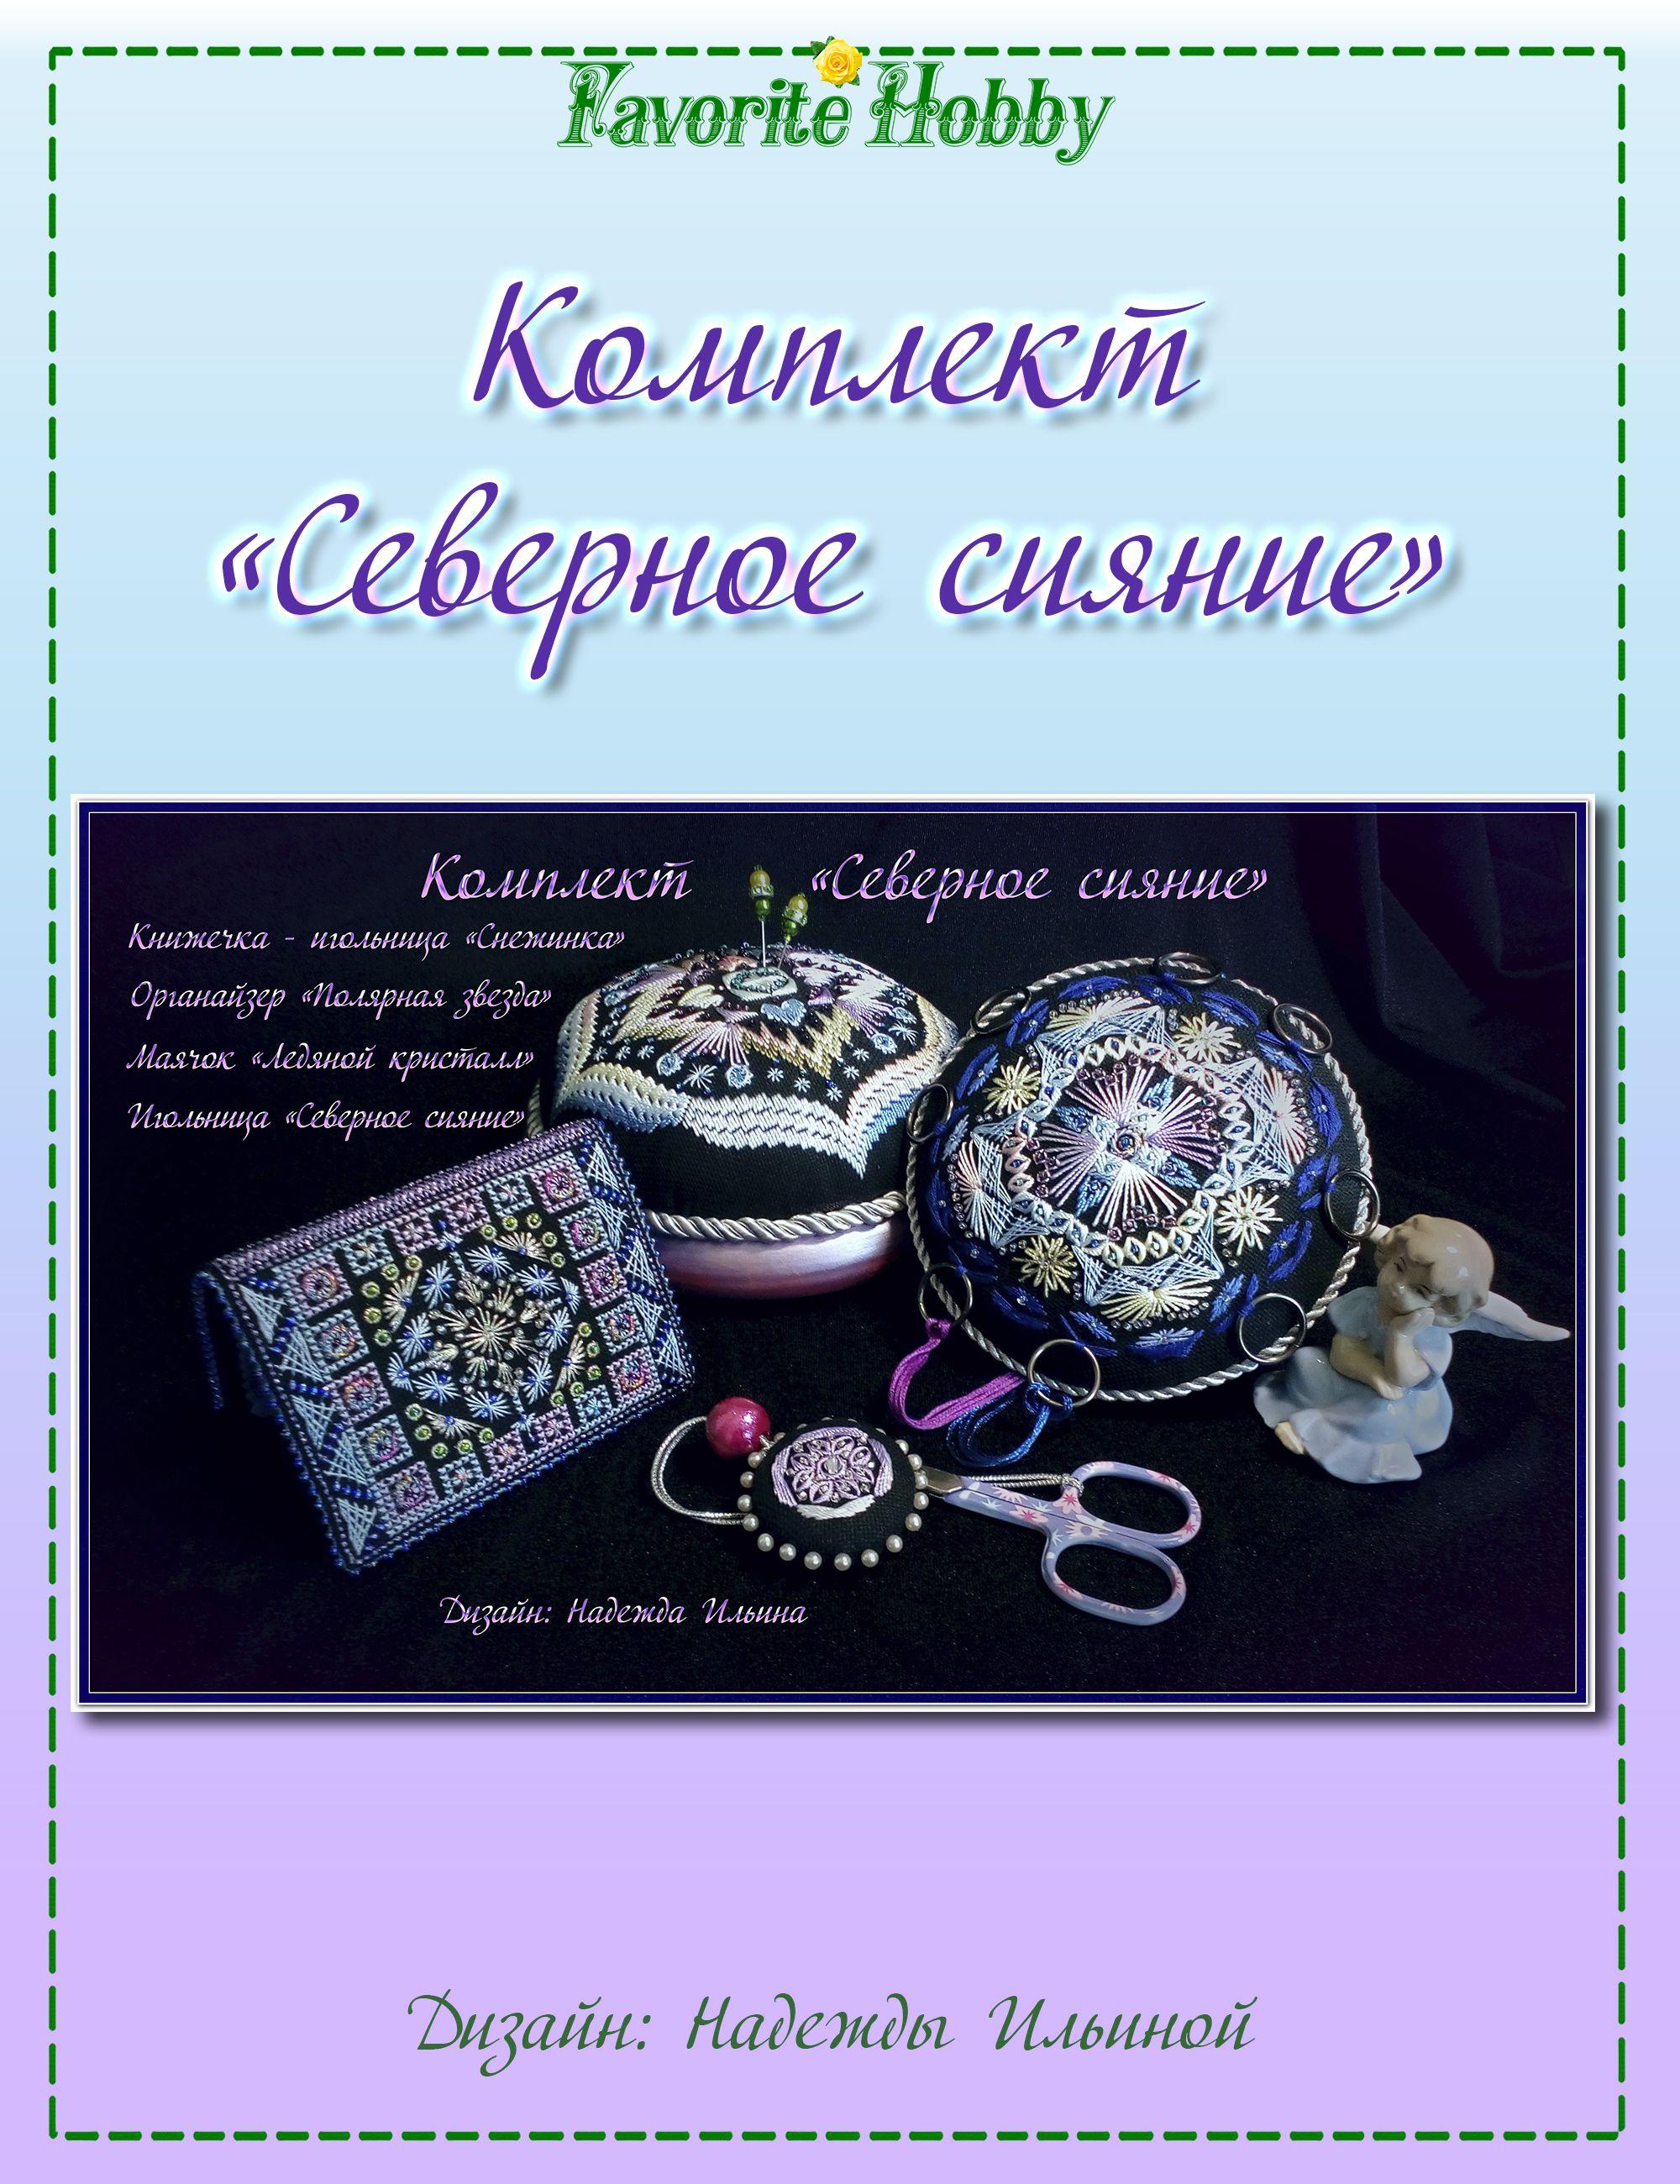 шовчики декоративныешвы вышивка